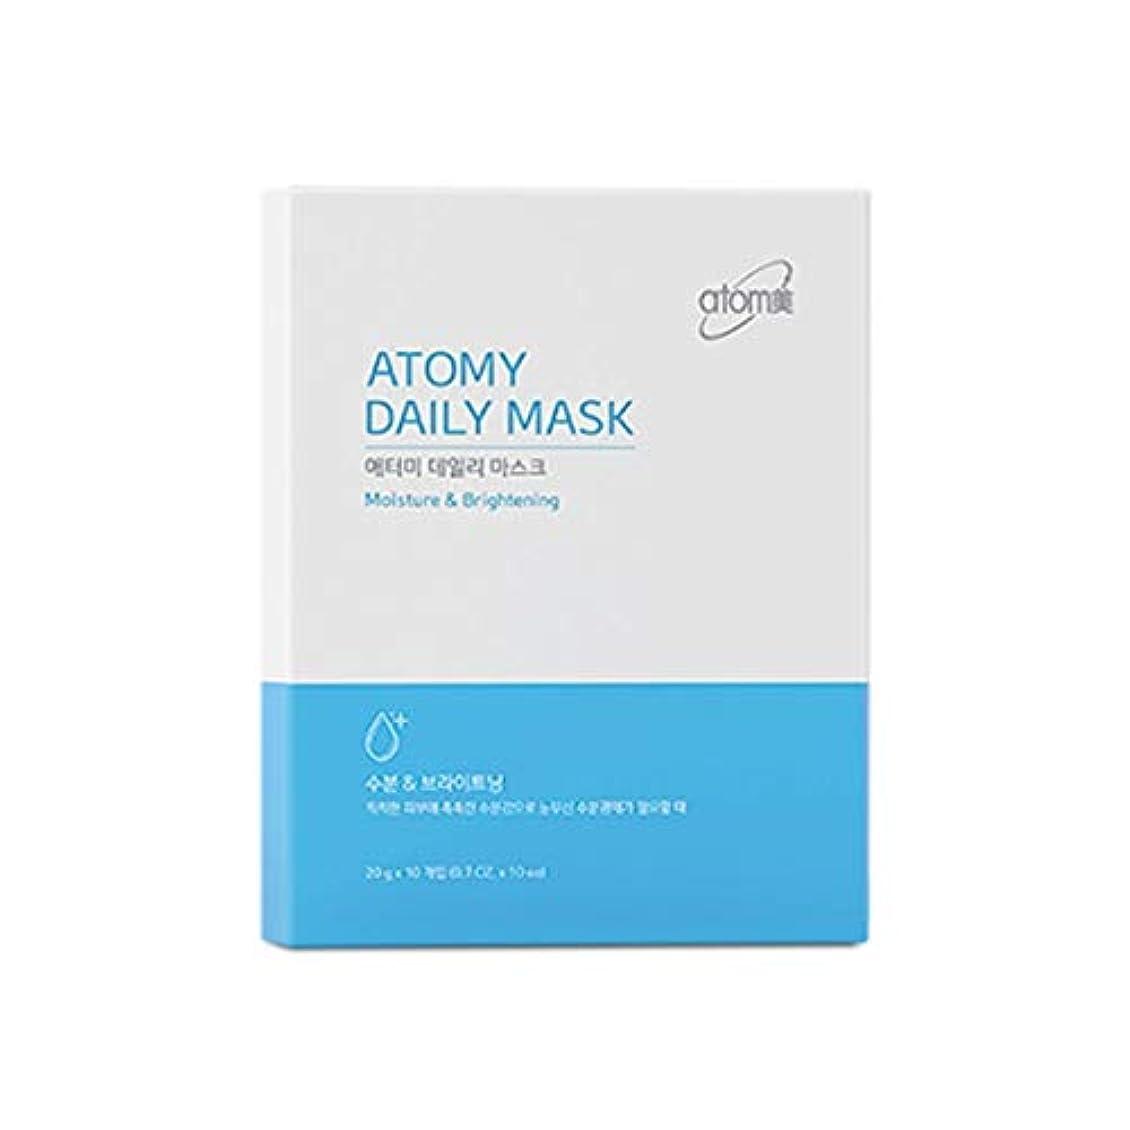 強調する騒々しい滴下[NEW] Atomy Daily Mask Sheet 10 Pack- Moisture & Brightening アトミ 自然由来の成分と4つの特許成分マスクパック(並行輸入品)